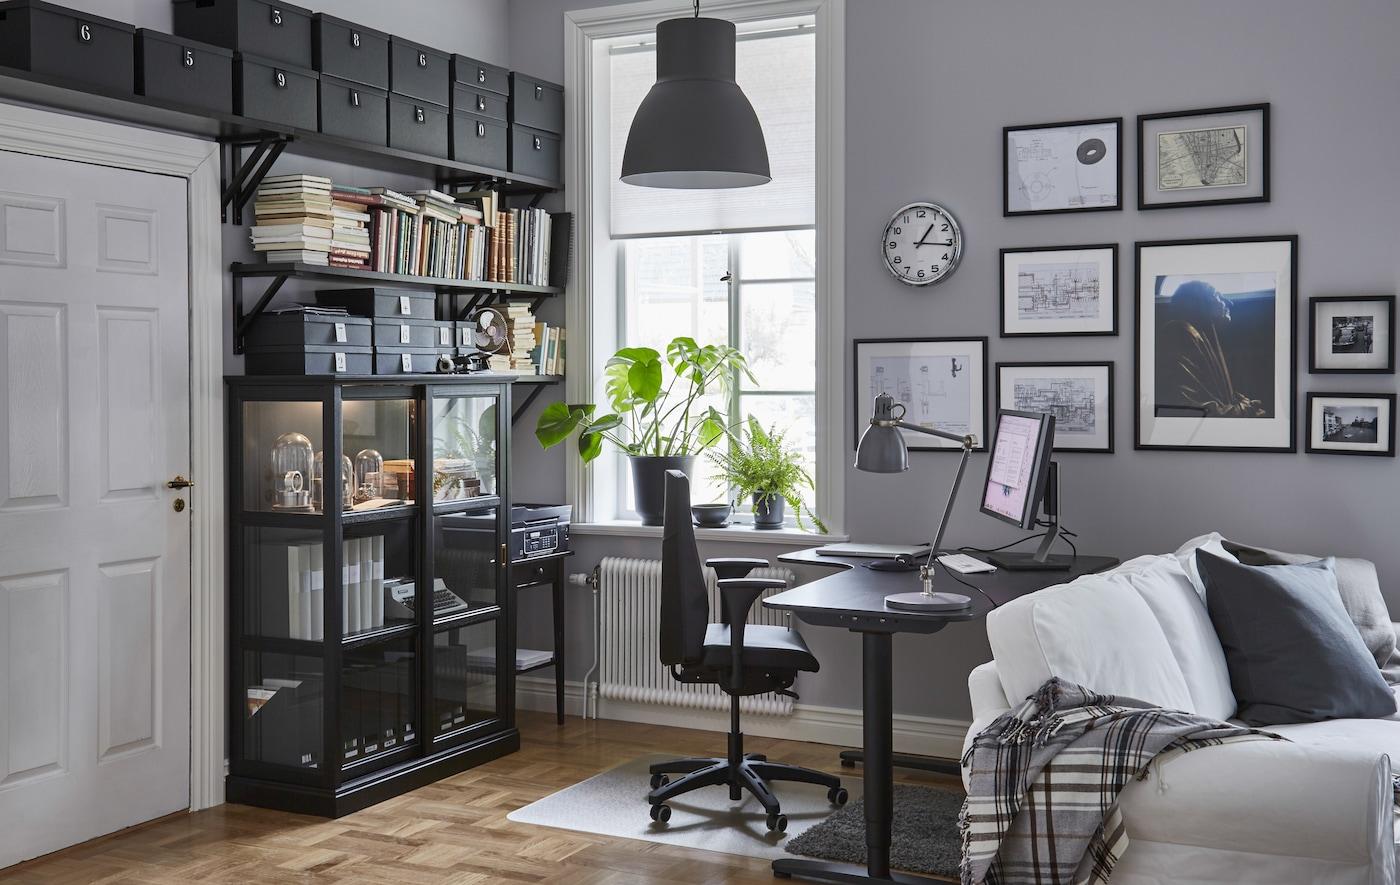 Det reducerer træthed at indrette et ergonomisk kontor.